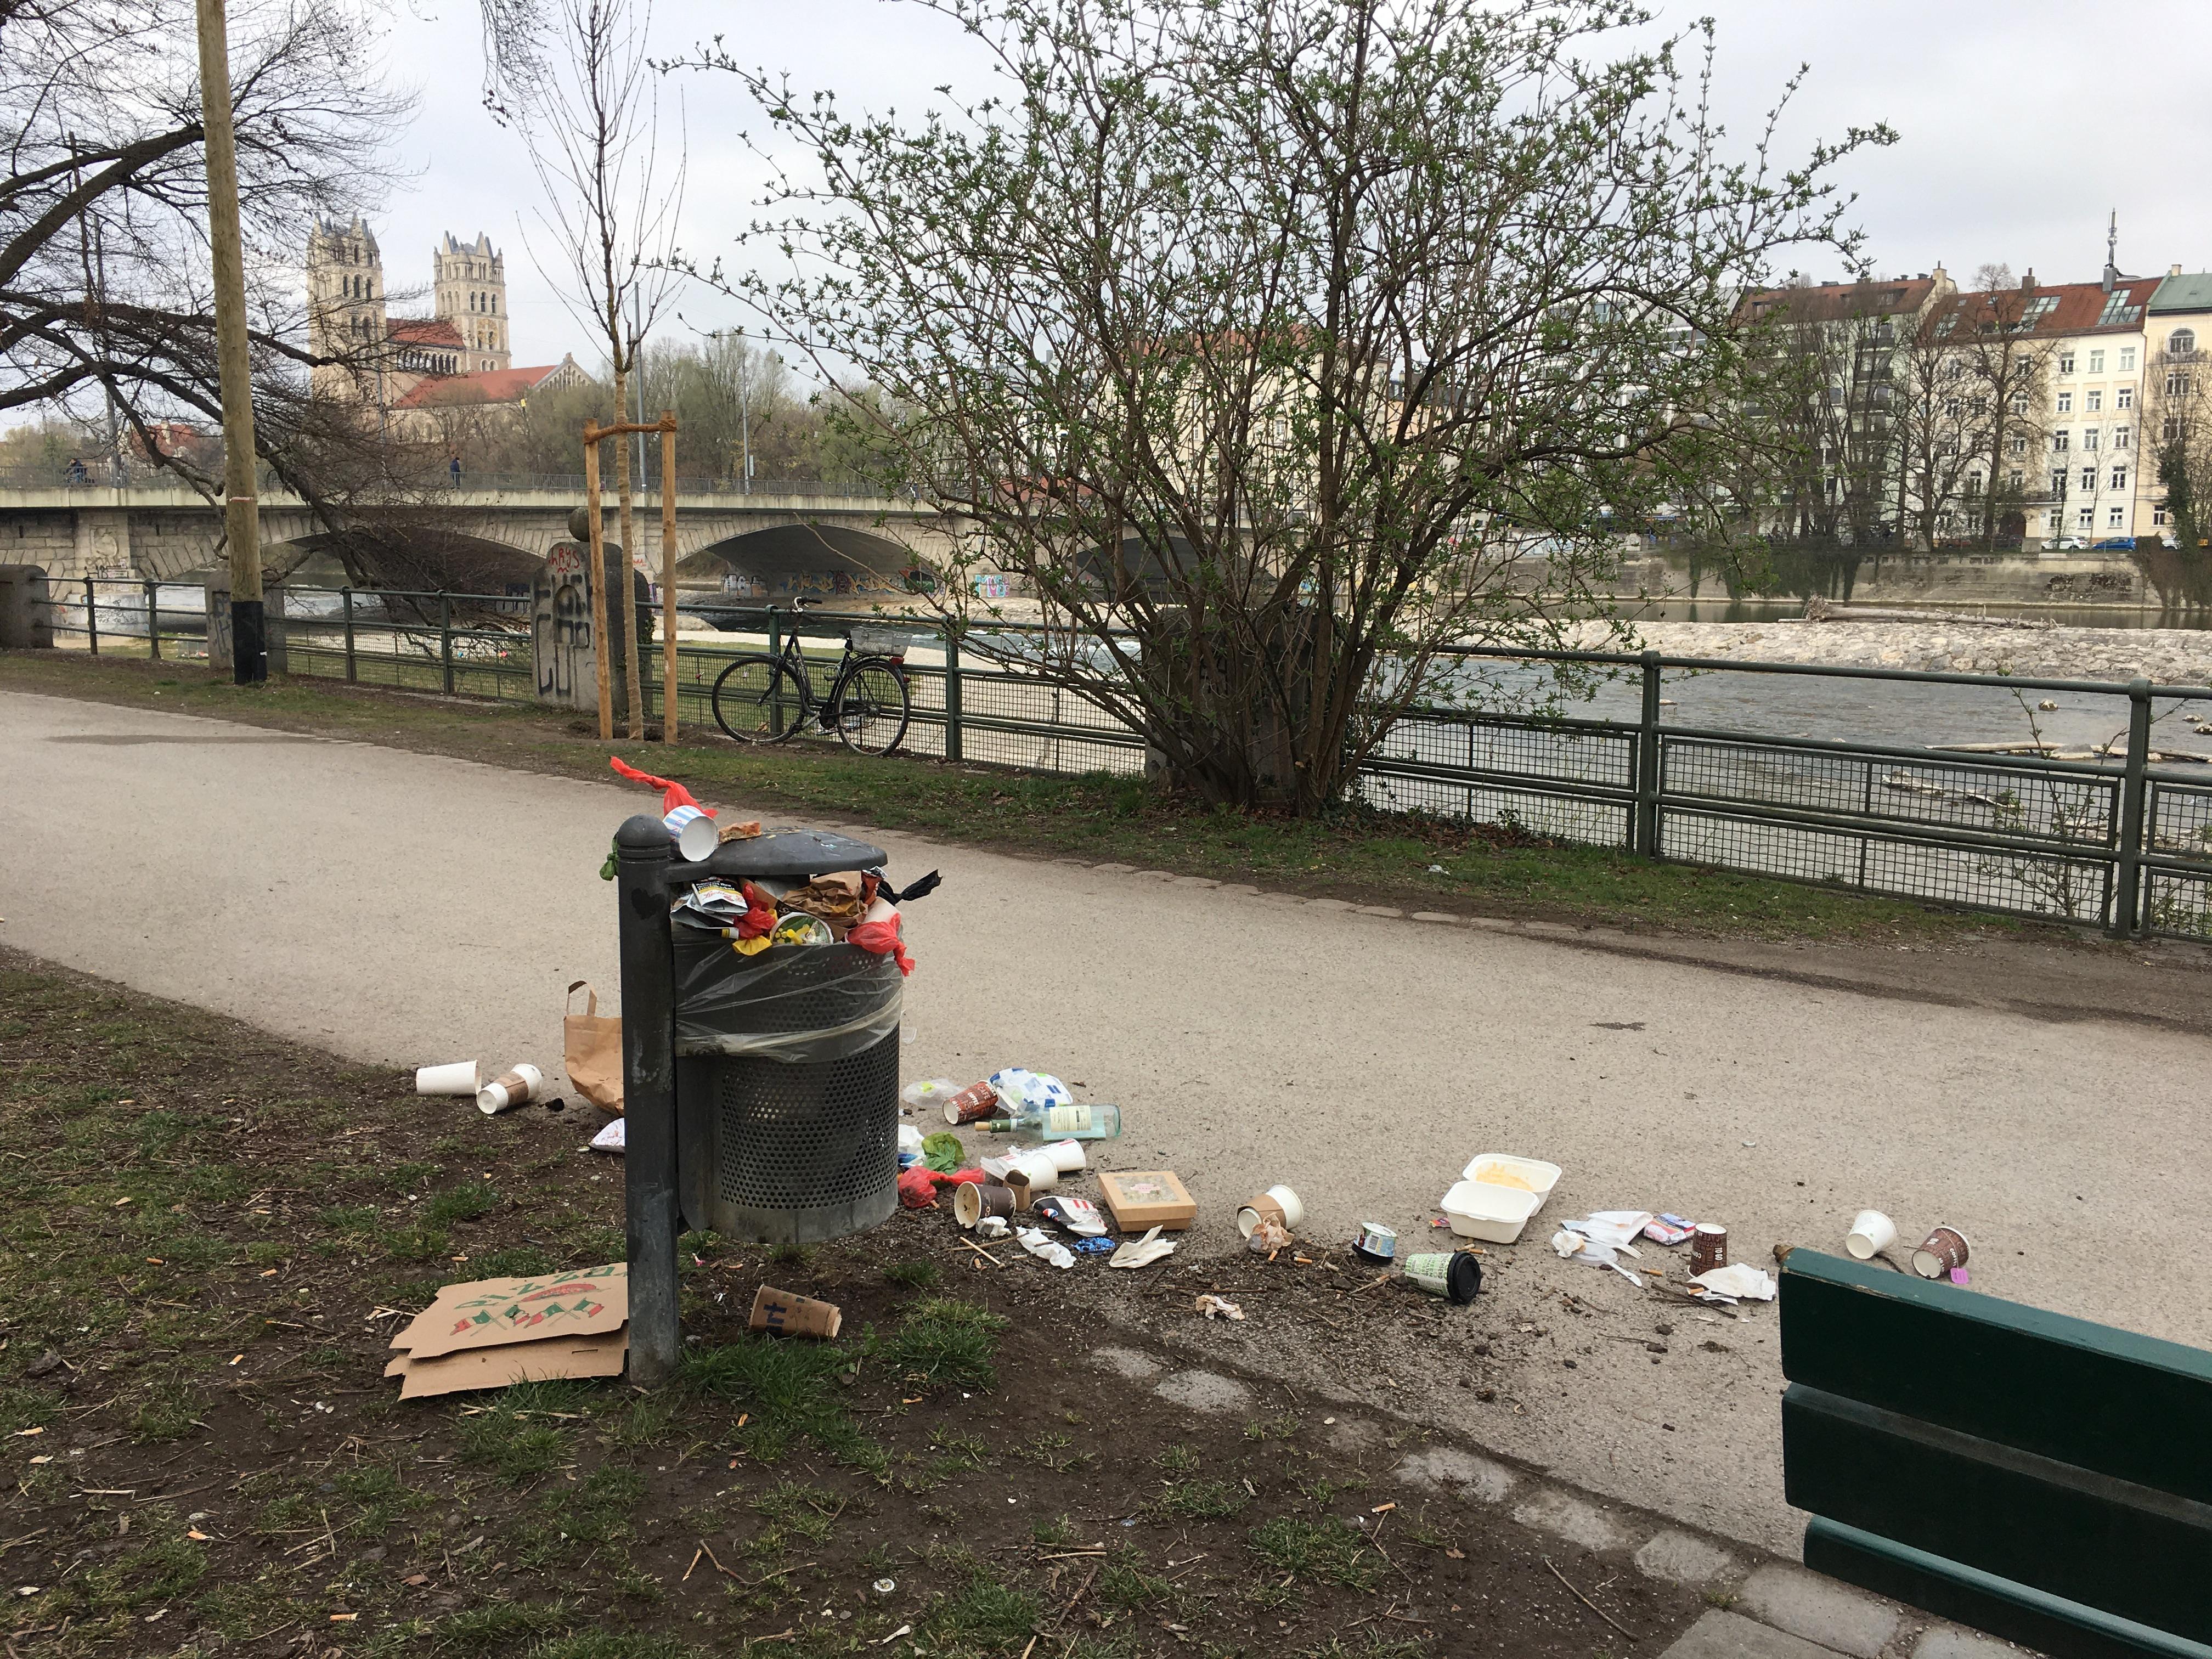 Überquellender Mülleimer mit Pappbechern mit Deckel und weiteren Einweg-Verpackungen drumherum an der Isar in München